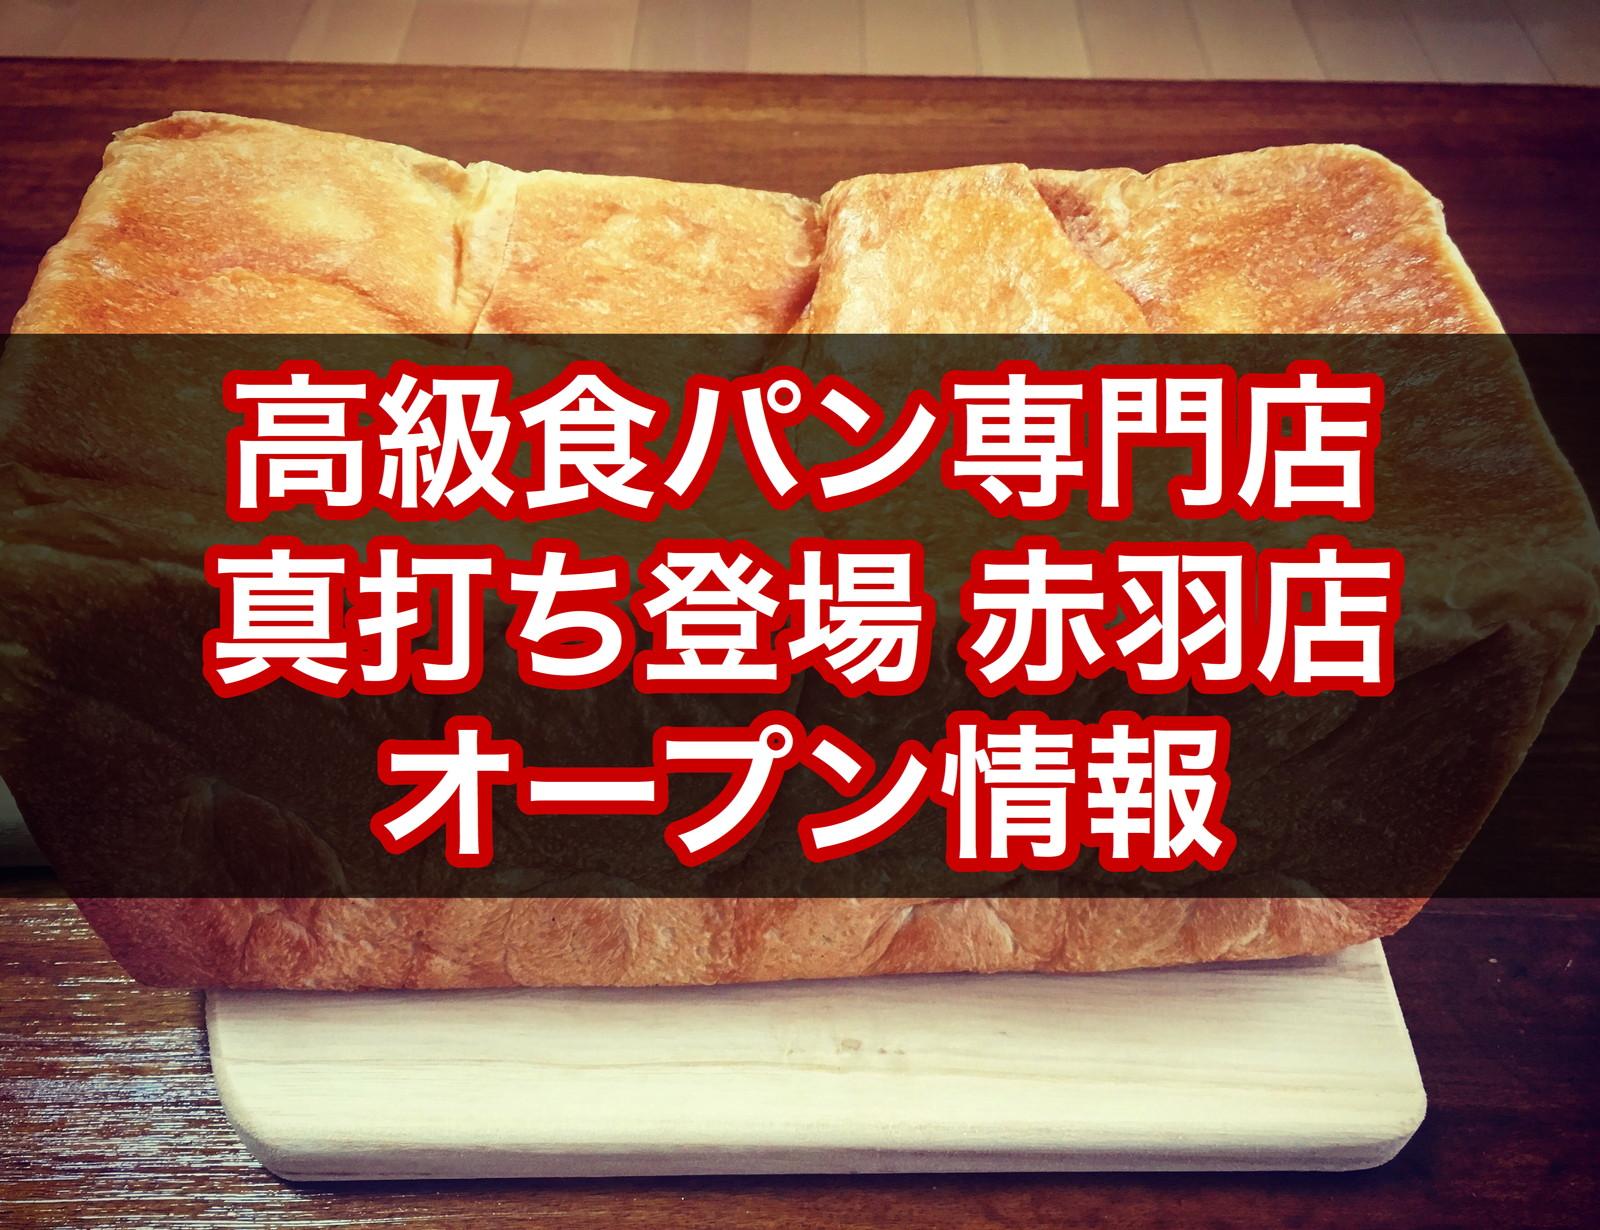 食パン 千駄木